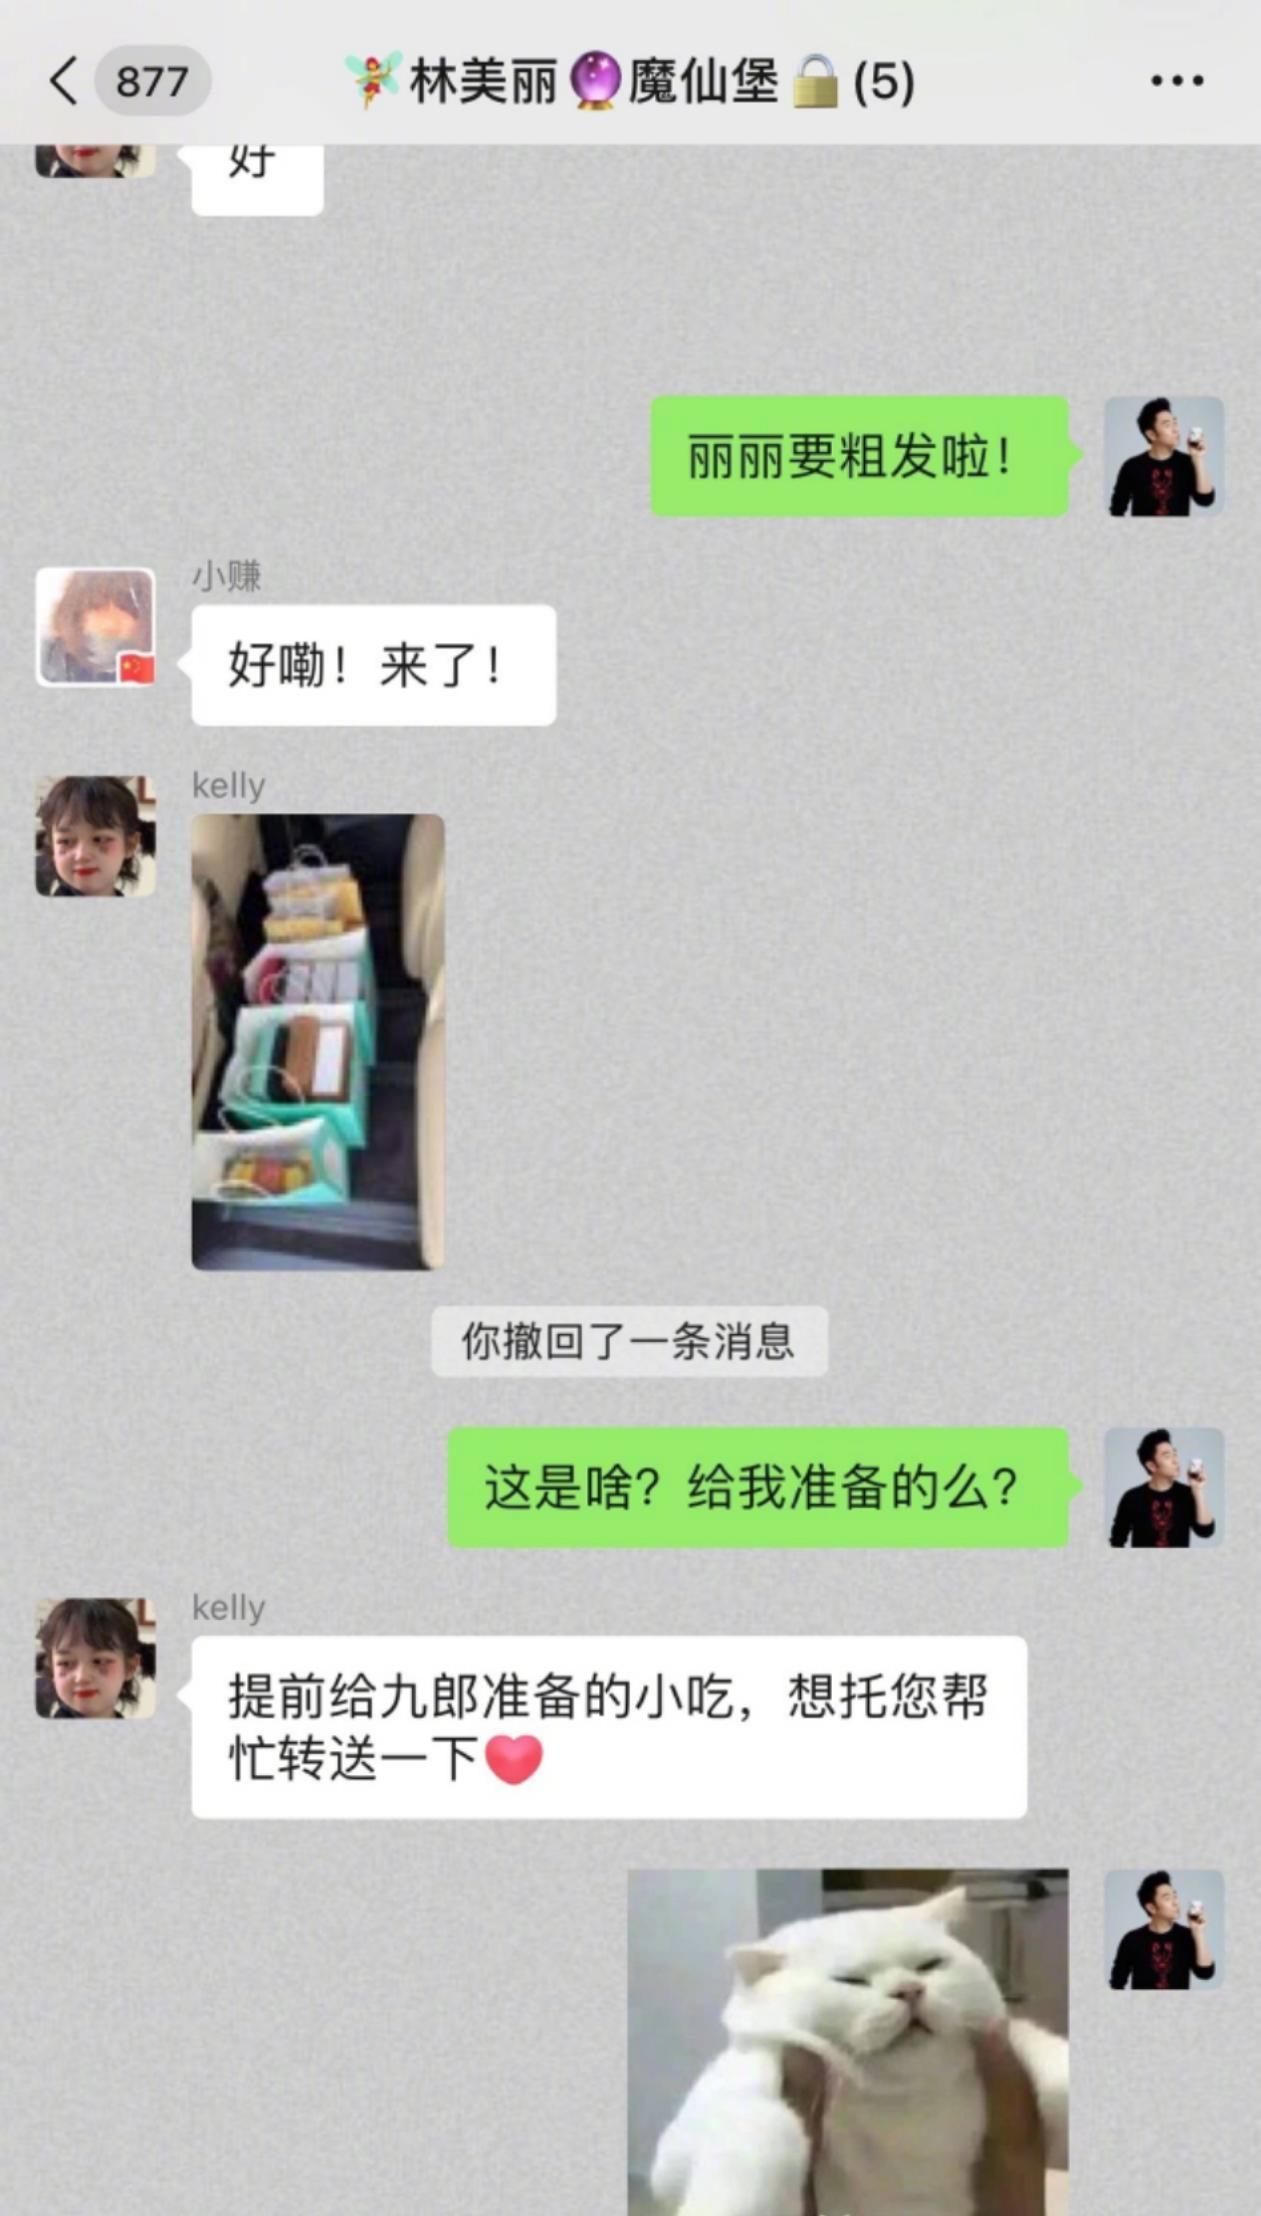 林依轮助理追星杨九郎成功减重20斤 偶像的力量果然强大!